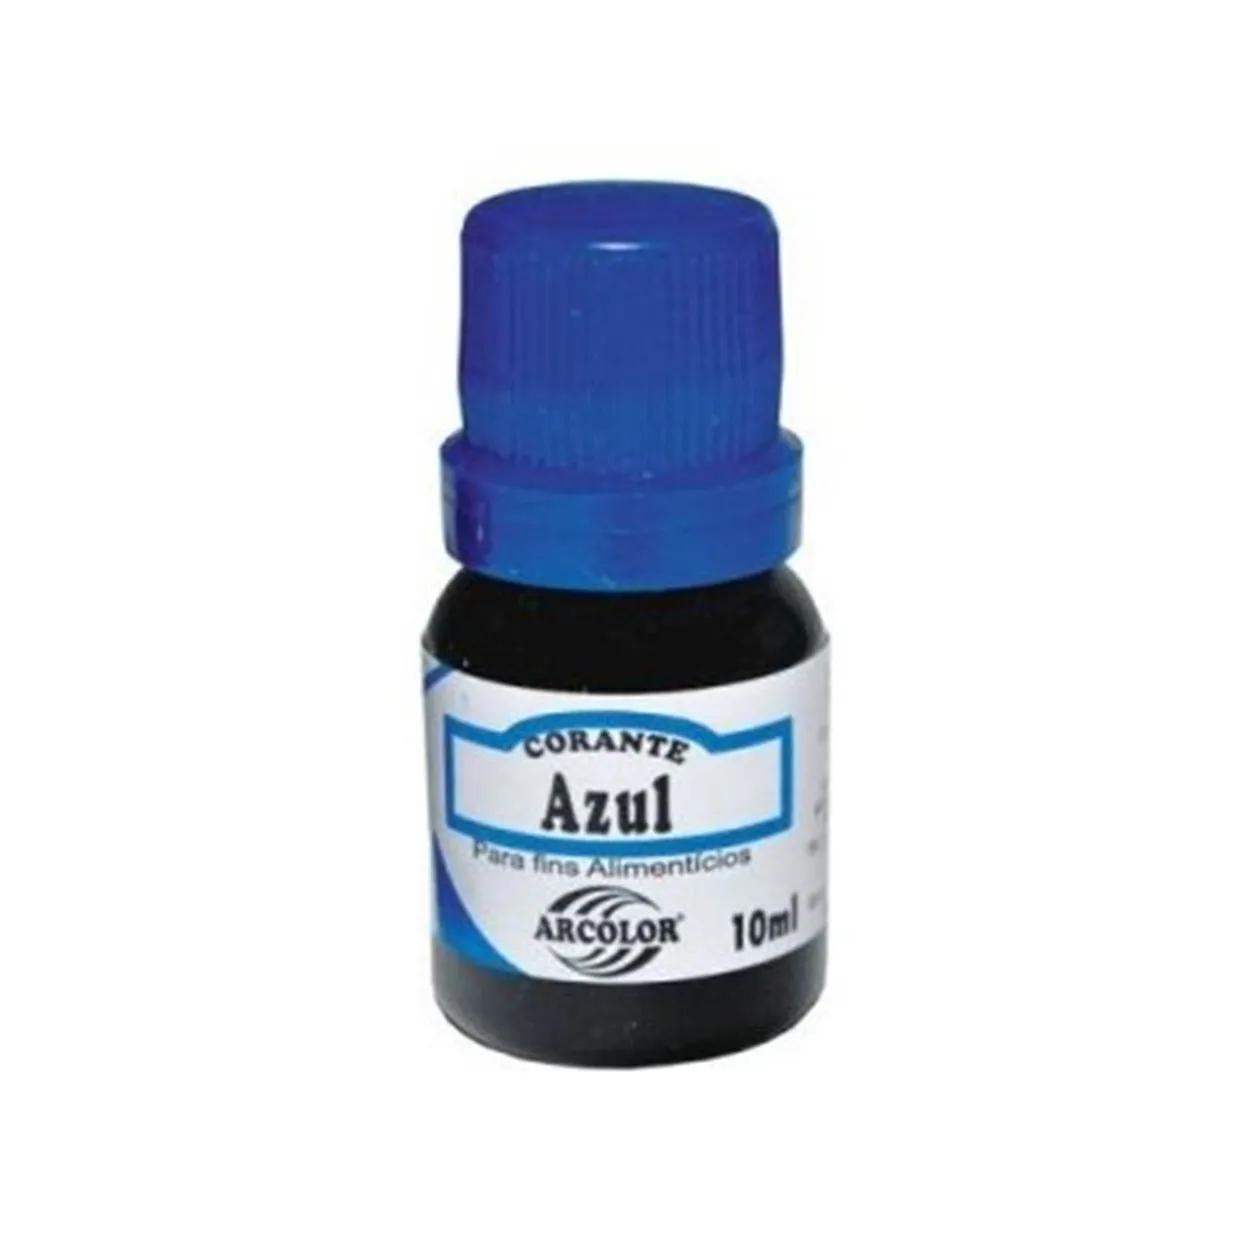 Corante Liquido Azul 10ml - Arcolor